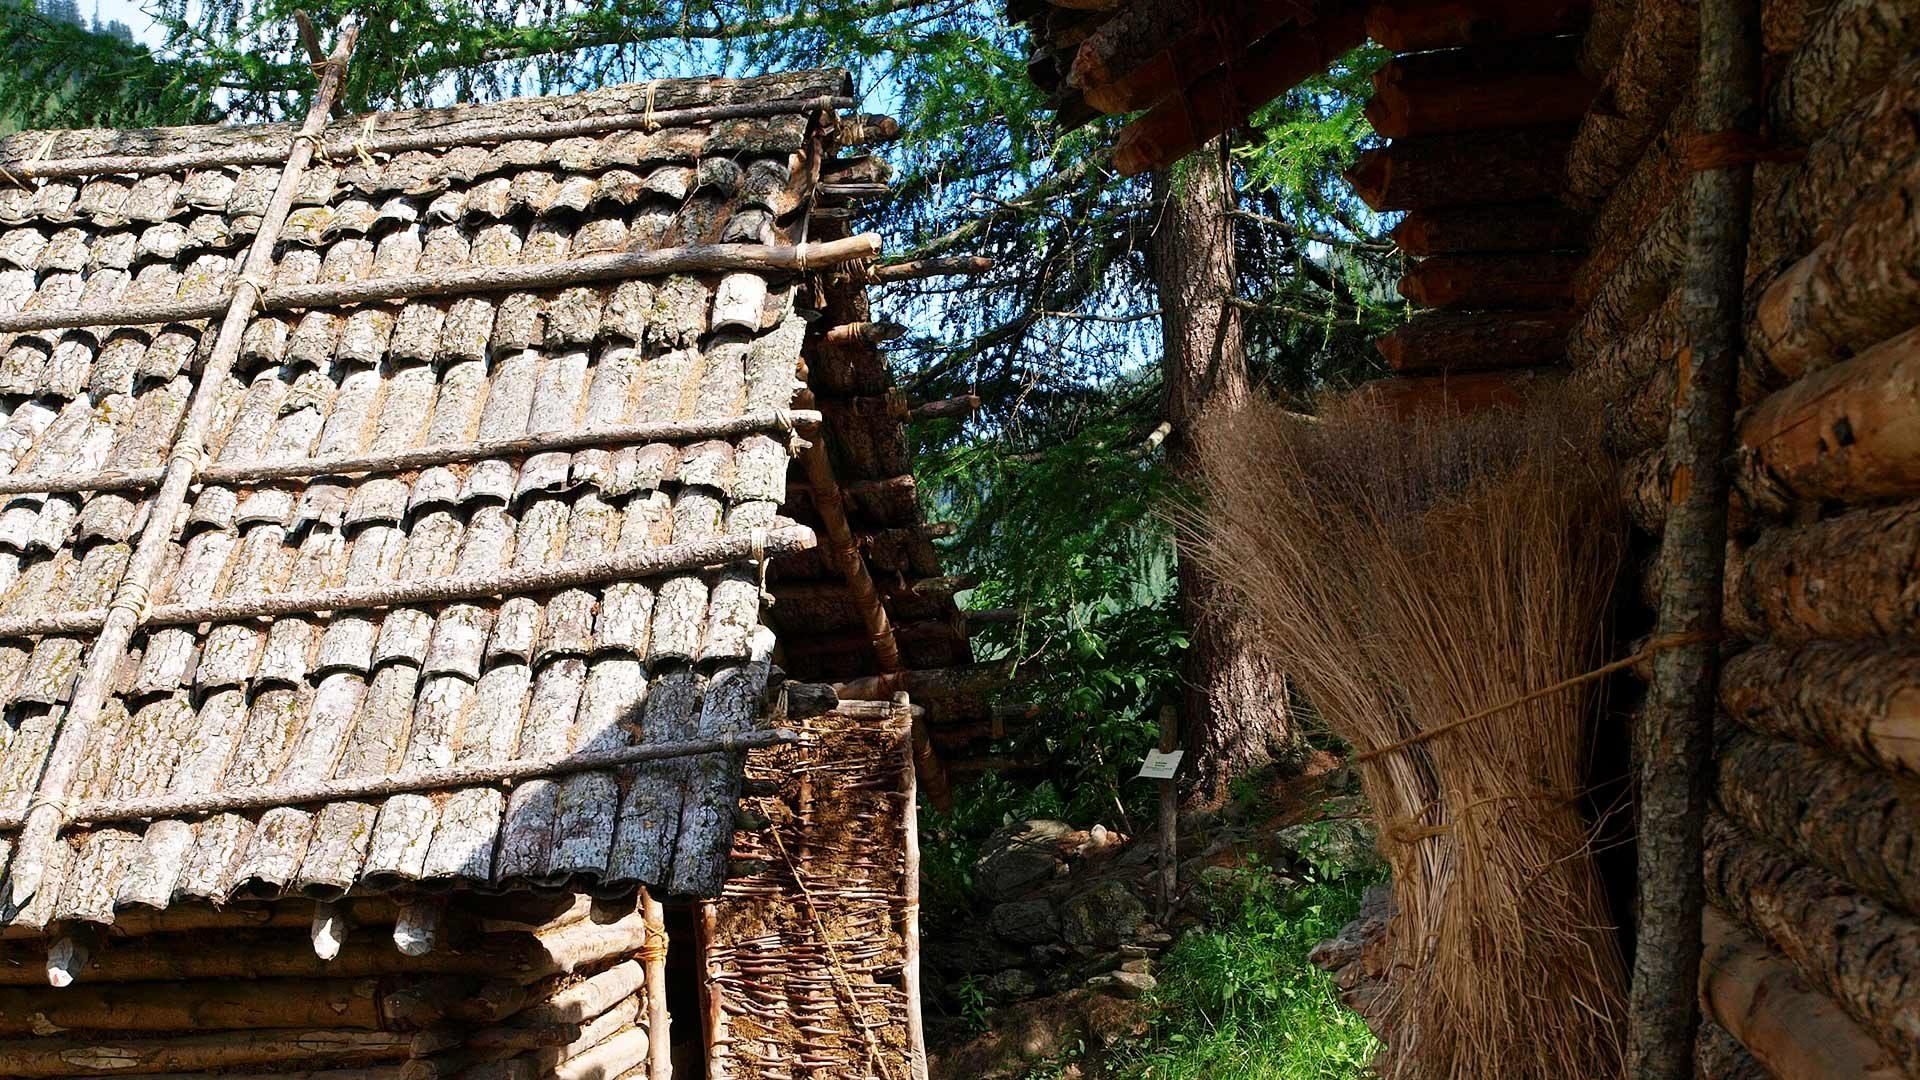 L'Archeoparc Val Senales